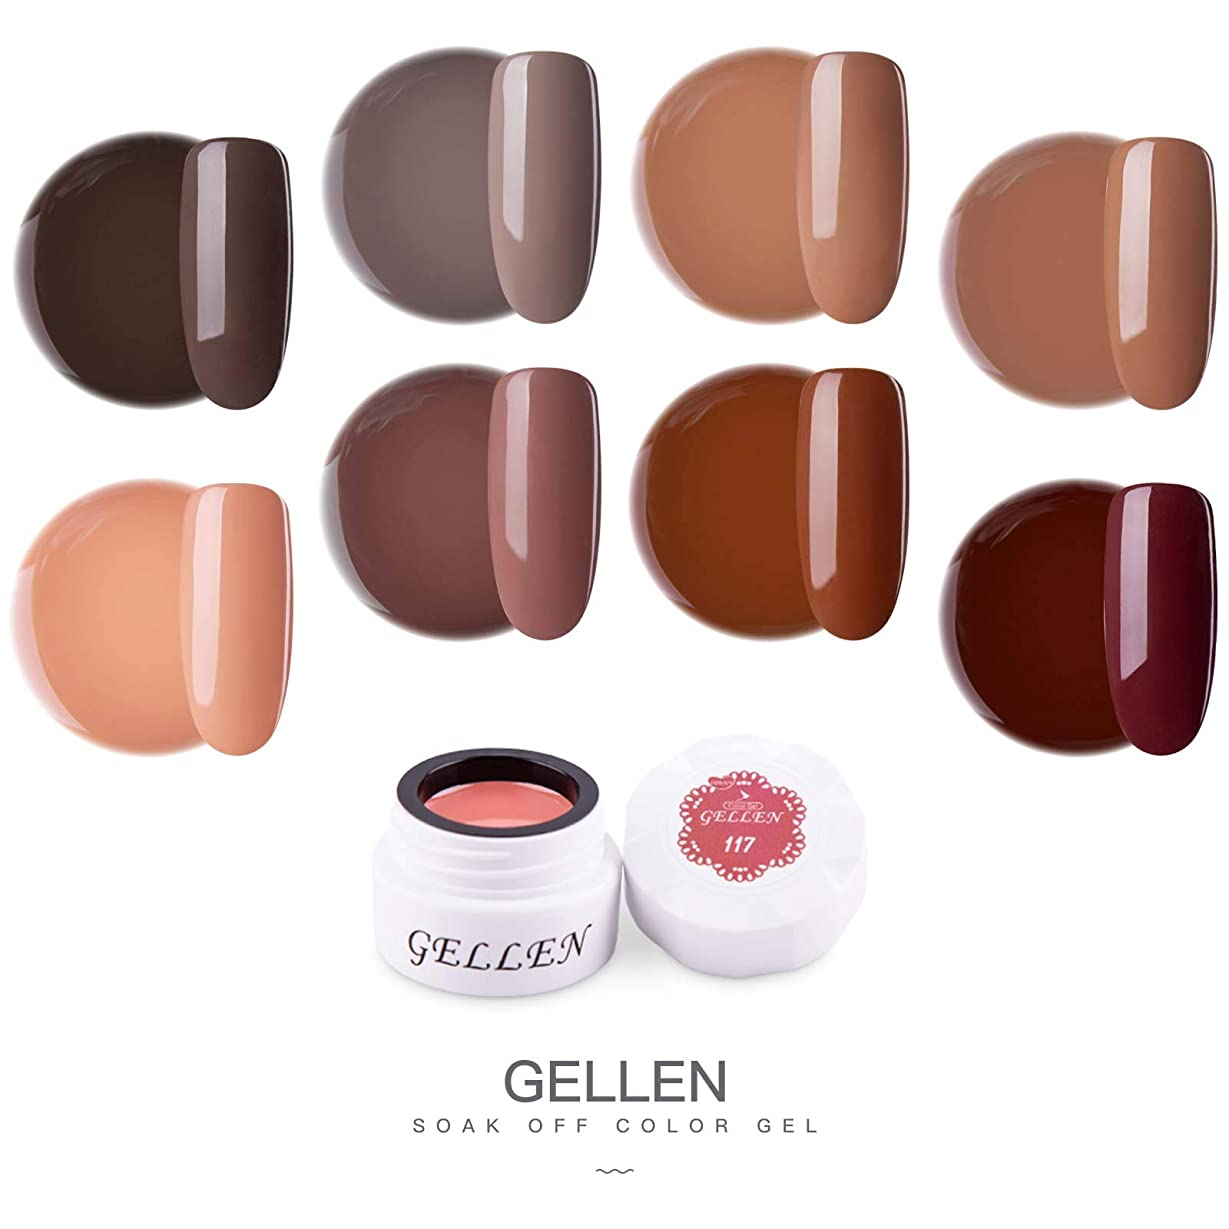 倉庫協力するそれぞれGellen カラージェル 8色 セット[ブラウン系]高品質 5g ジェルネイル カラー ネイルブラシ付き